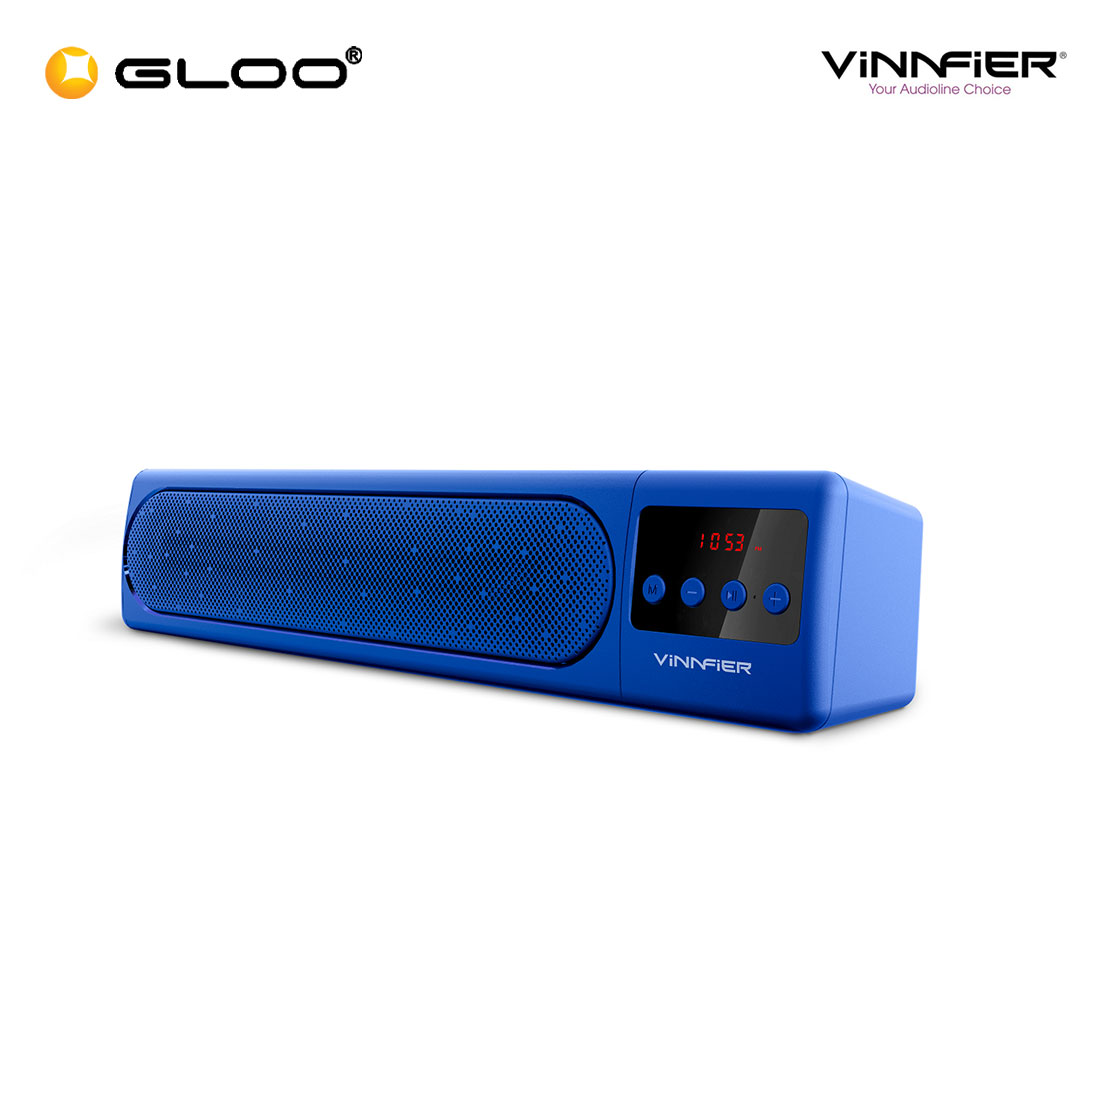 Vinnfier Hyperbar 100BTR Wireless Soundbar - Blue